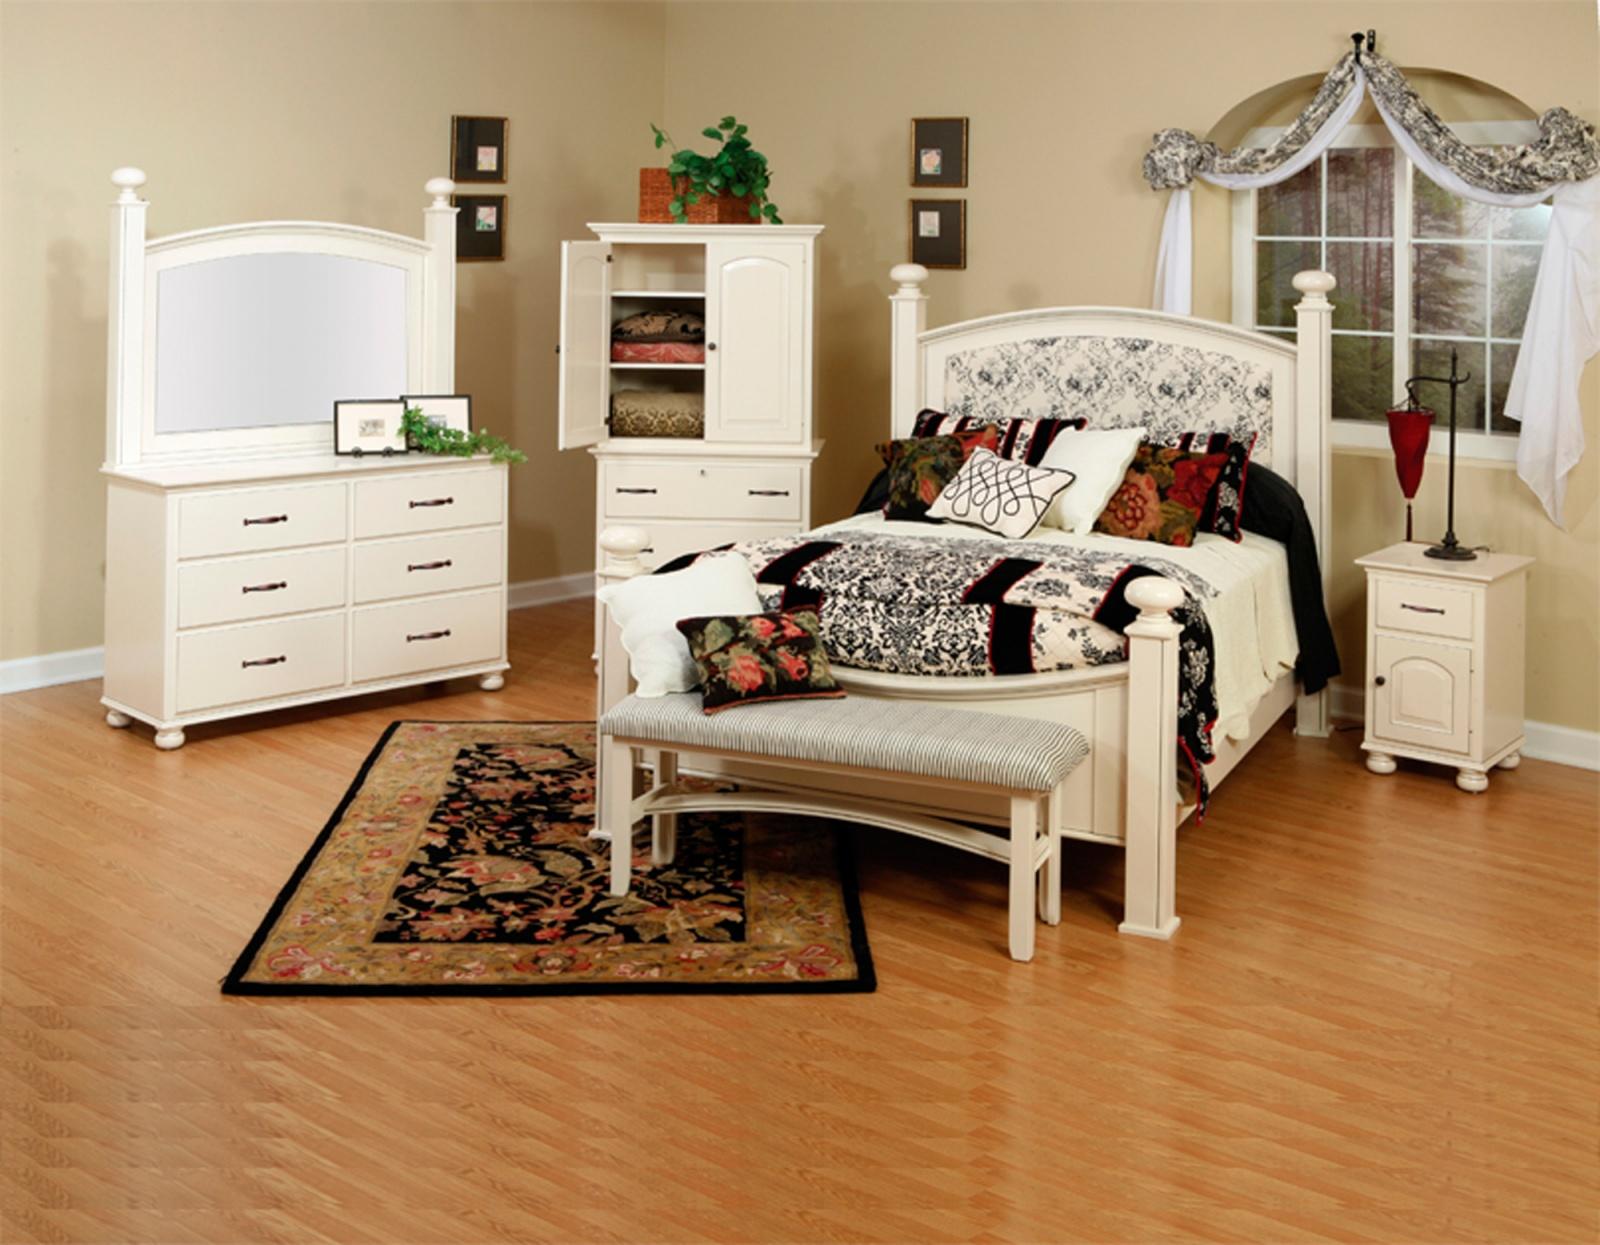 Luellen Setting with Luellen Bed.jpg